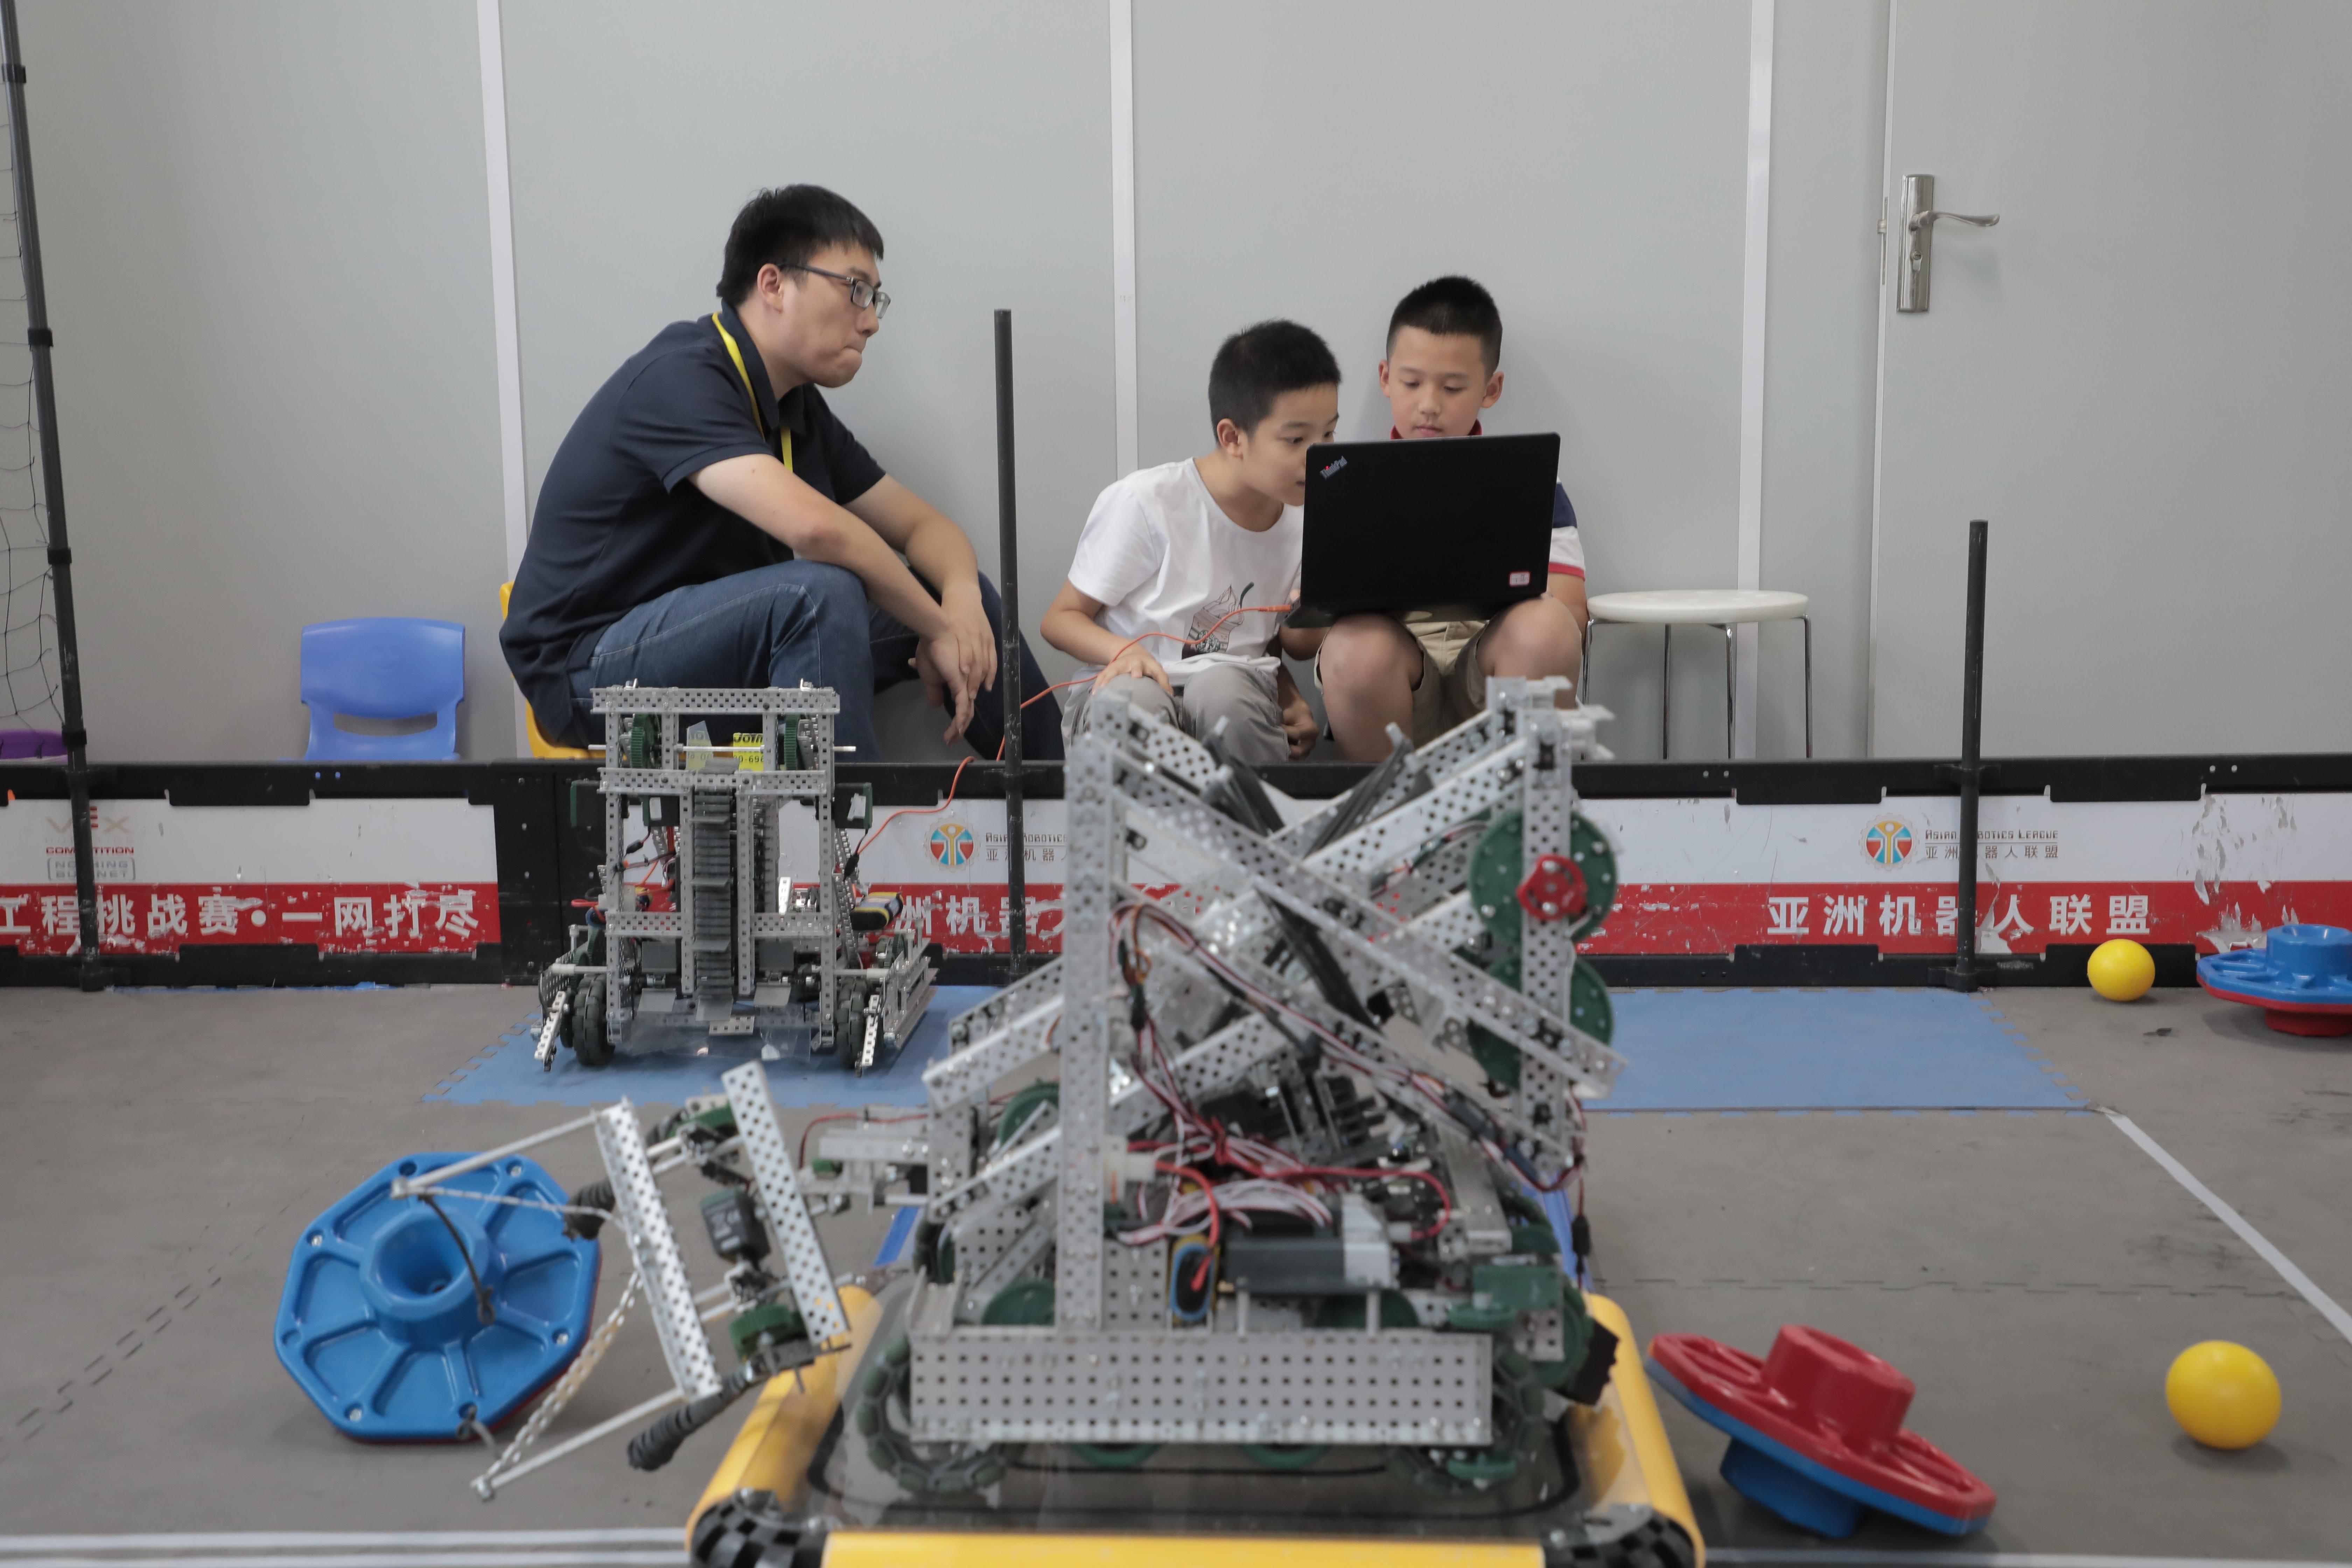 杭州的这个培训班里,小学生都开始学编程玩机器人了